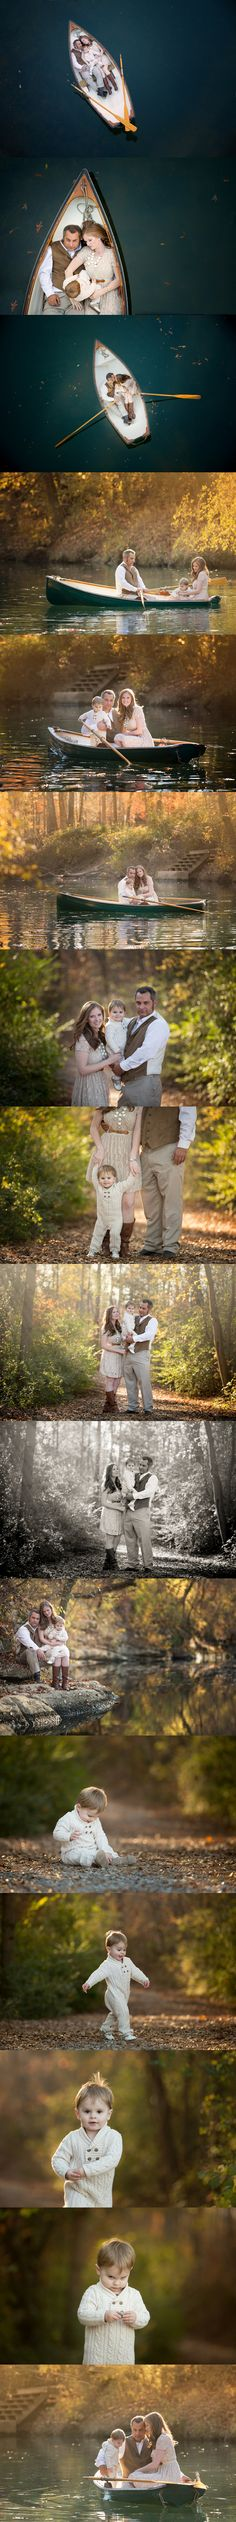 Innamorata Photography | Family Photography Inspiration